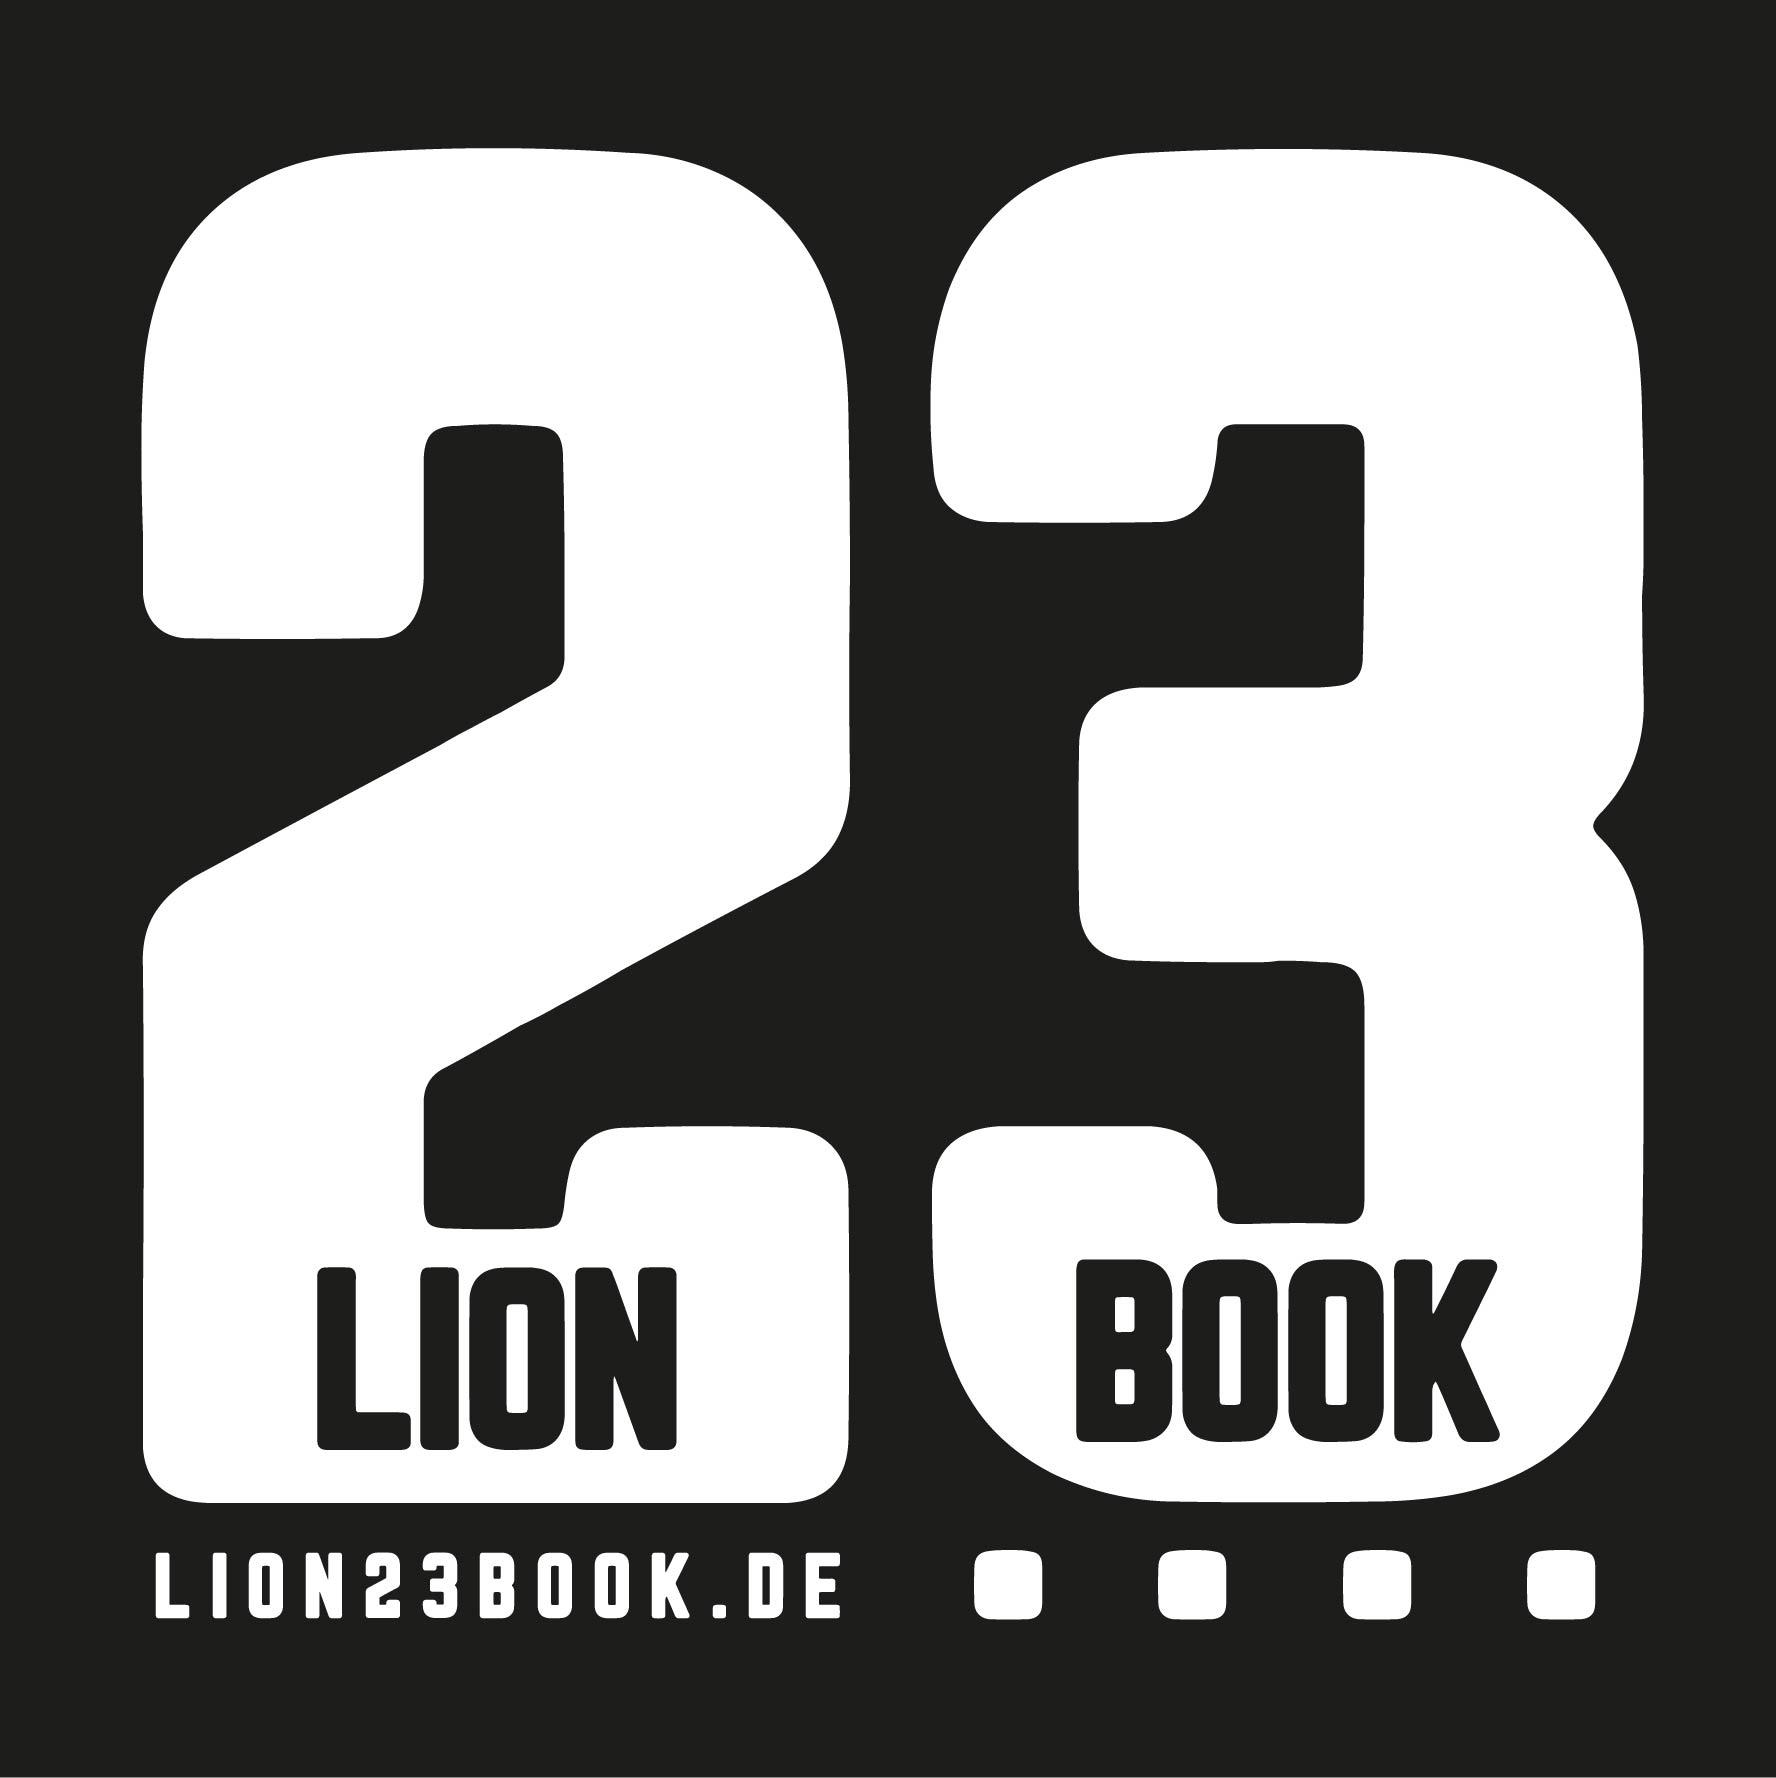 lion23book.de ist das Selfpublishing-Label der Autorin Petra A. Bauer. Nach 15 Verlagsveröffentlichungen ist es Zeit für ein neues Abenteuer